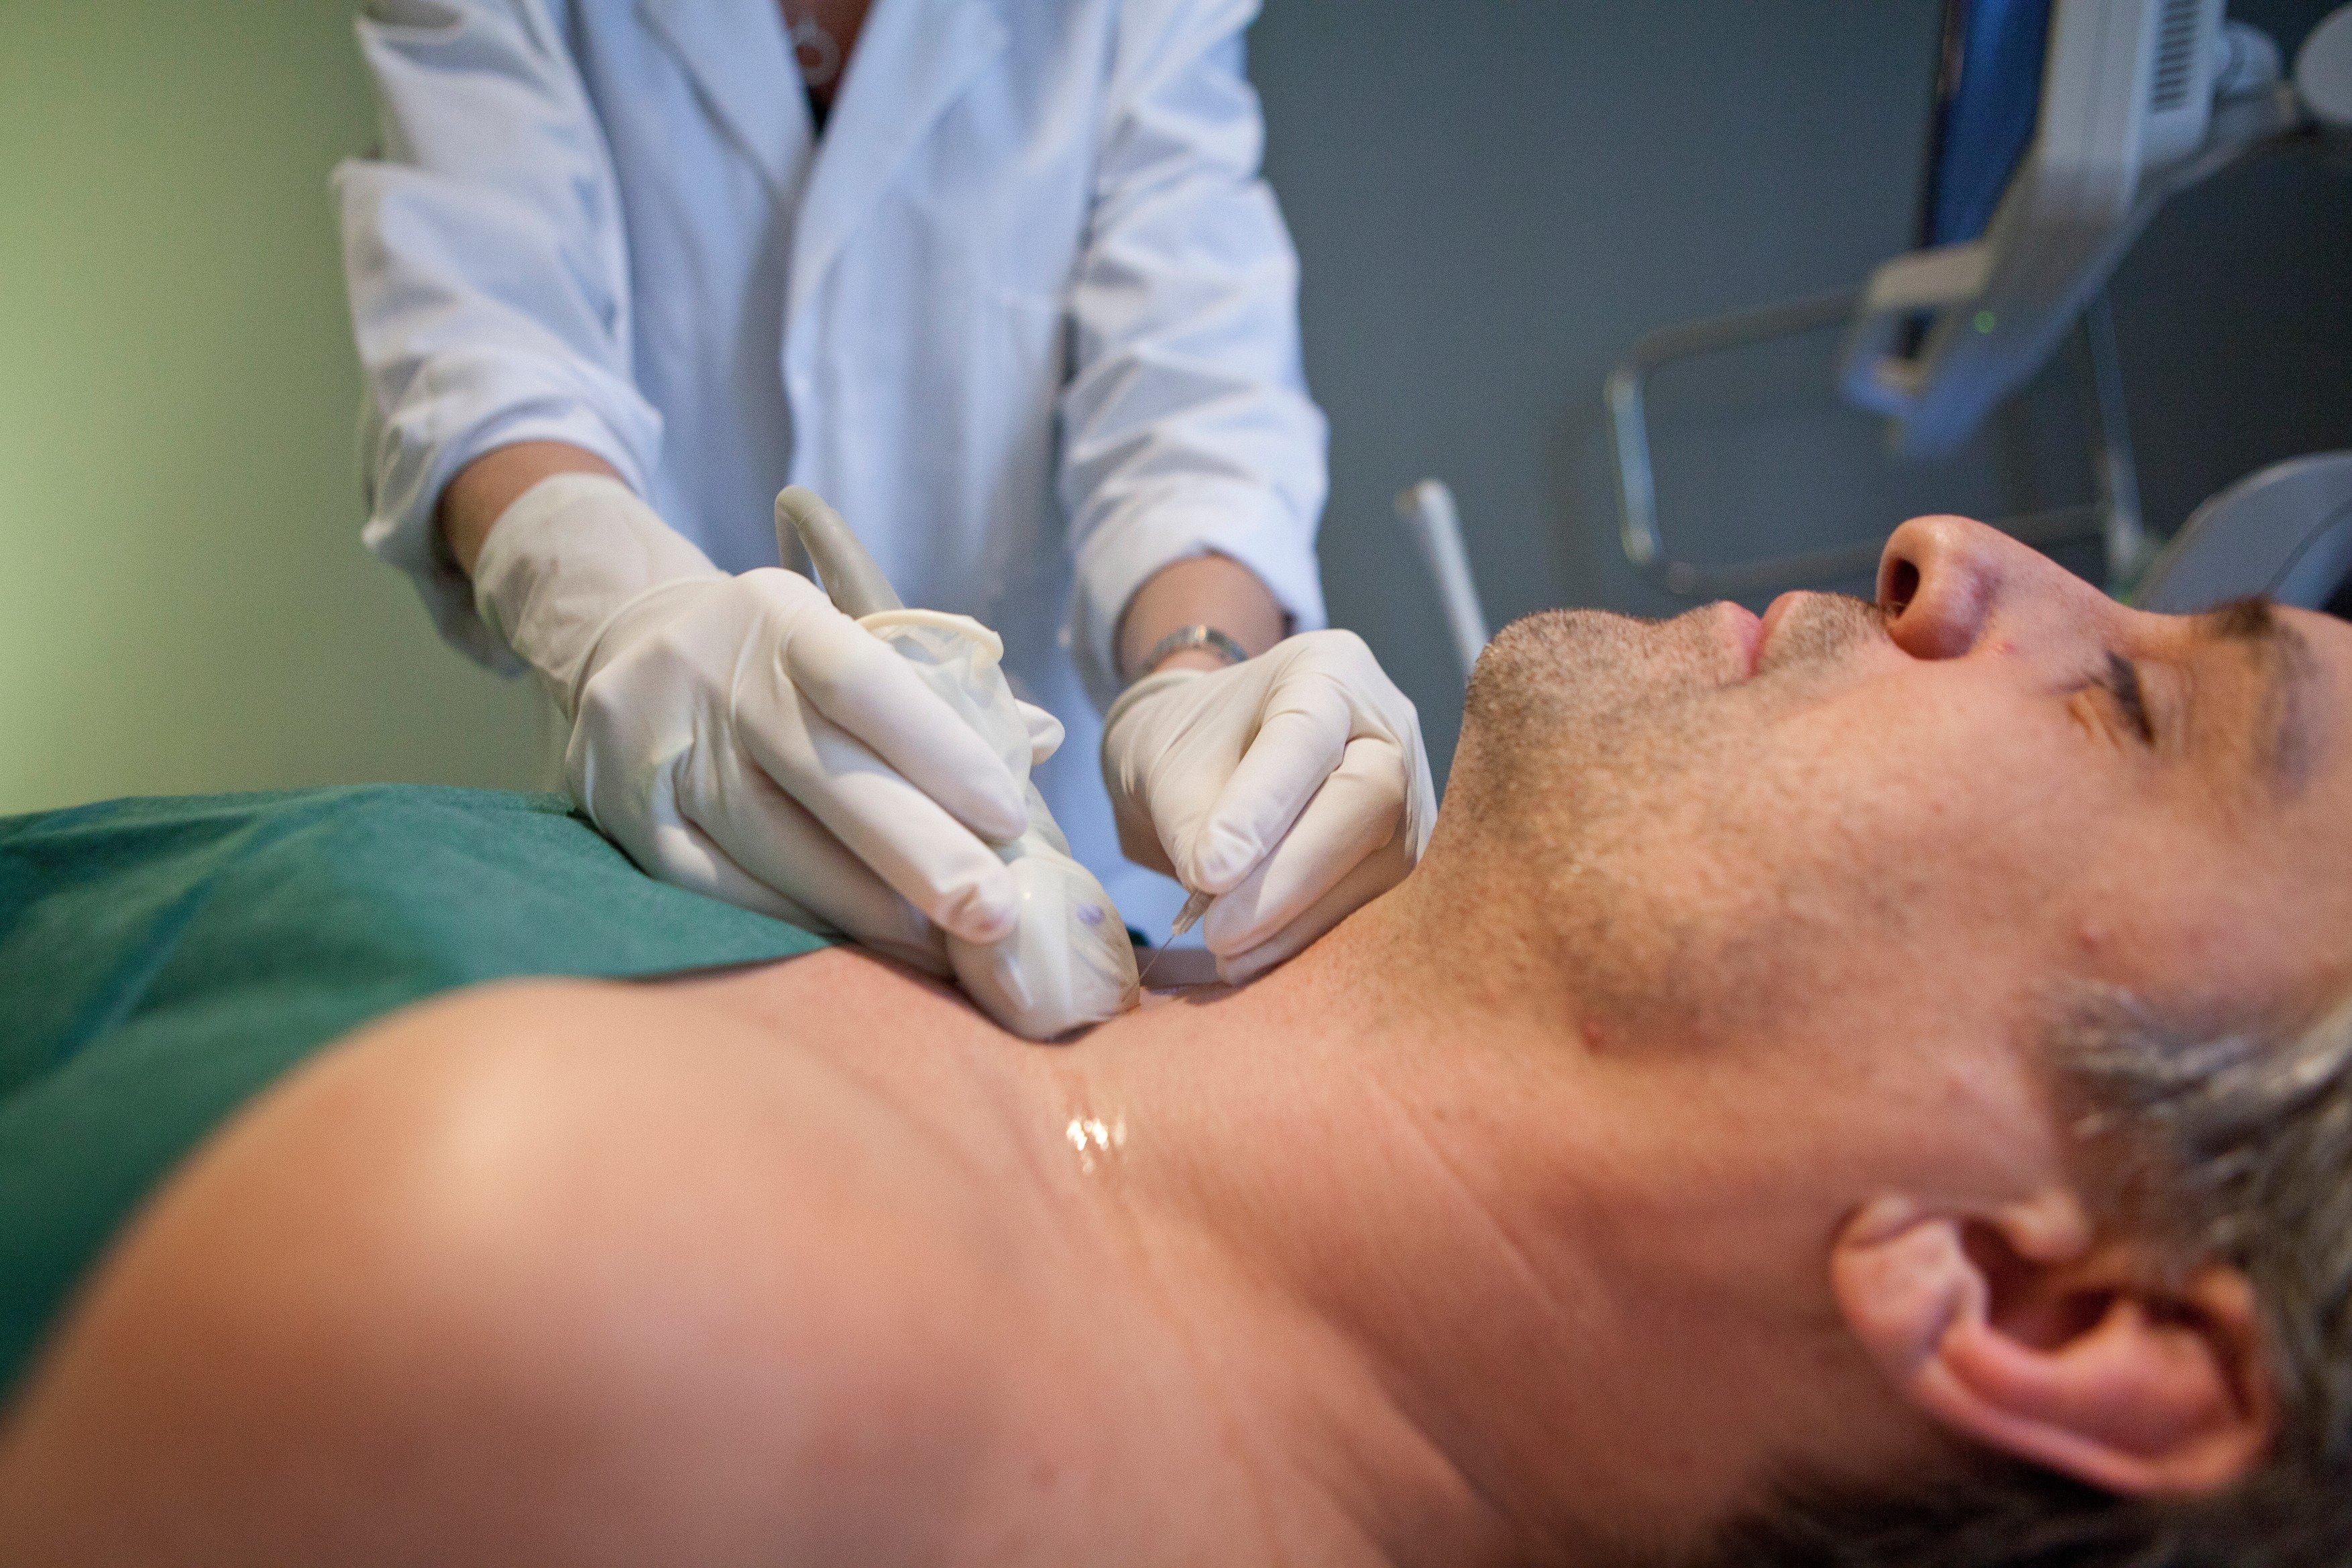 Štítná žláza, vyšetření krku, ultrazvuk